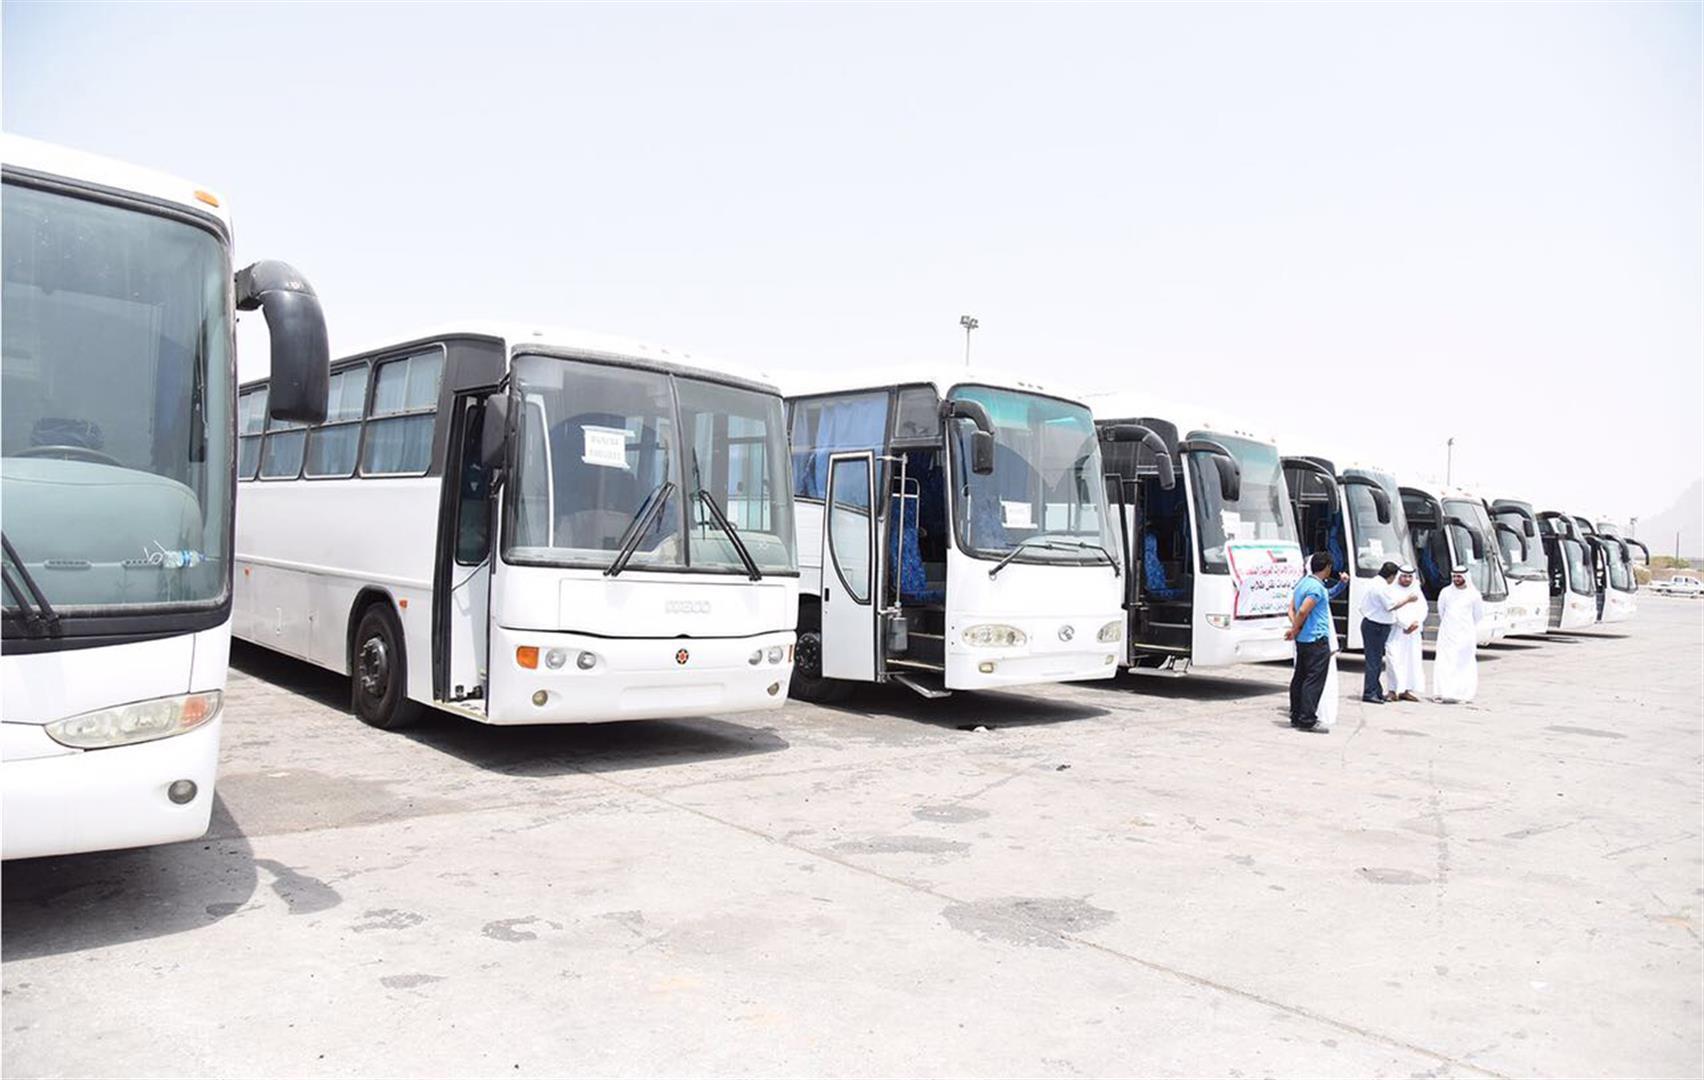 الإمارات تدعم قطاع التعليم في عدن بـ53 حافلة .. والدفعة الثانية قريبا 5